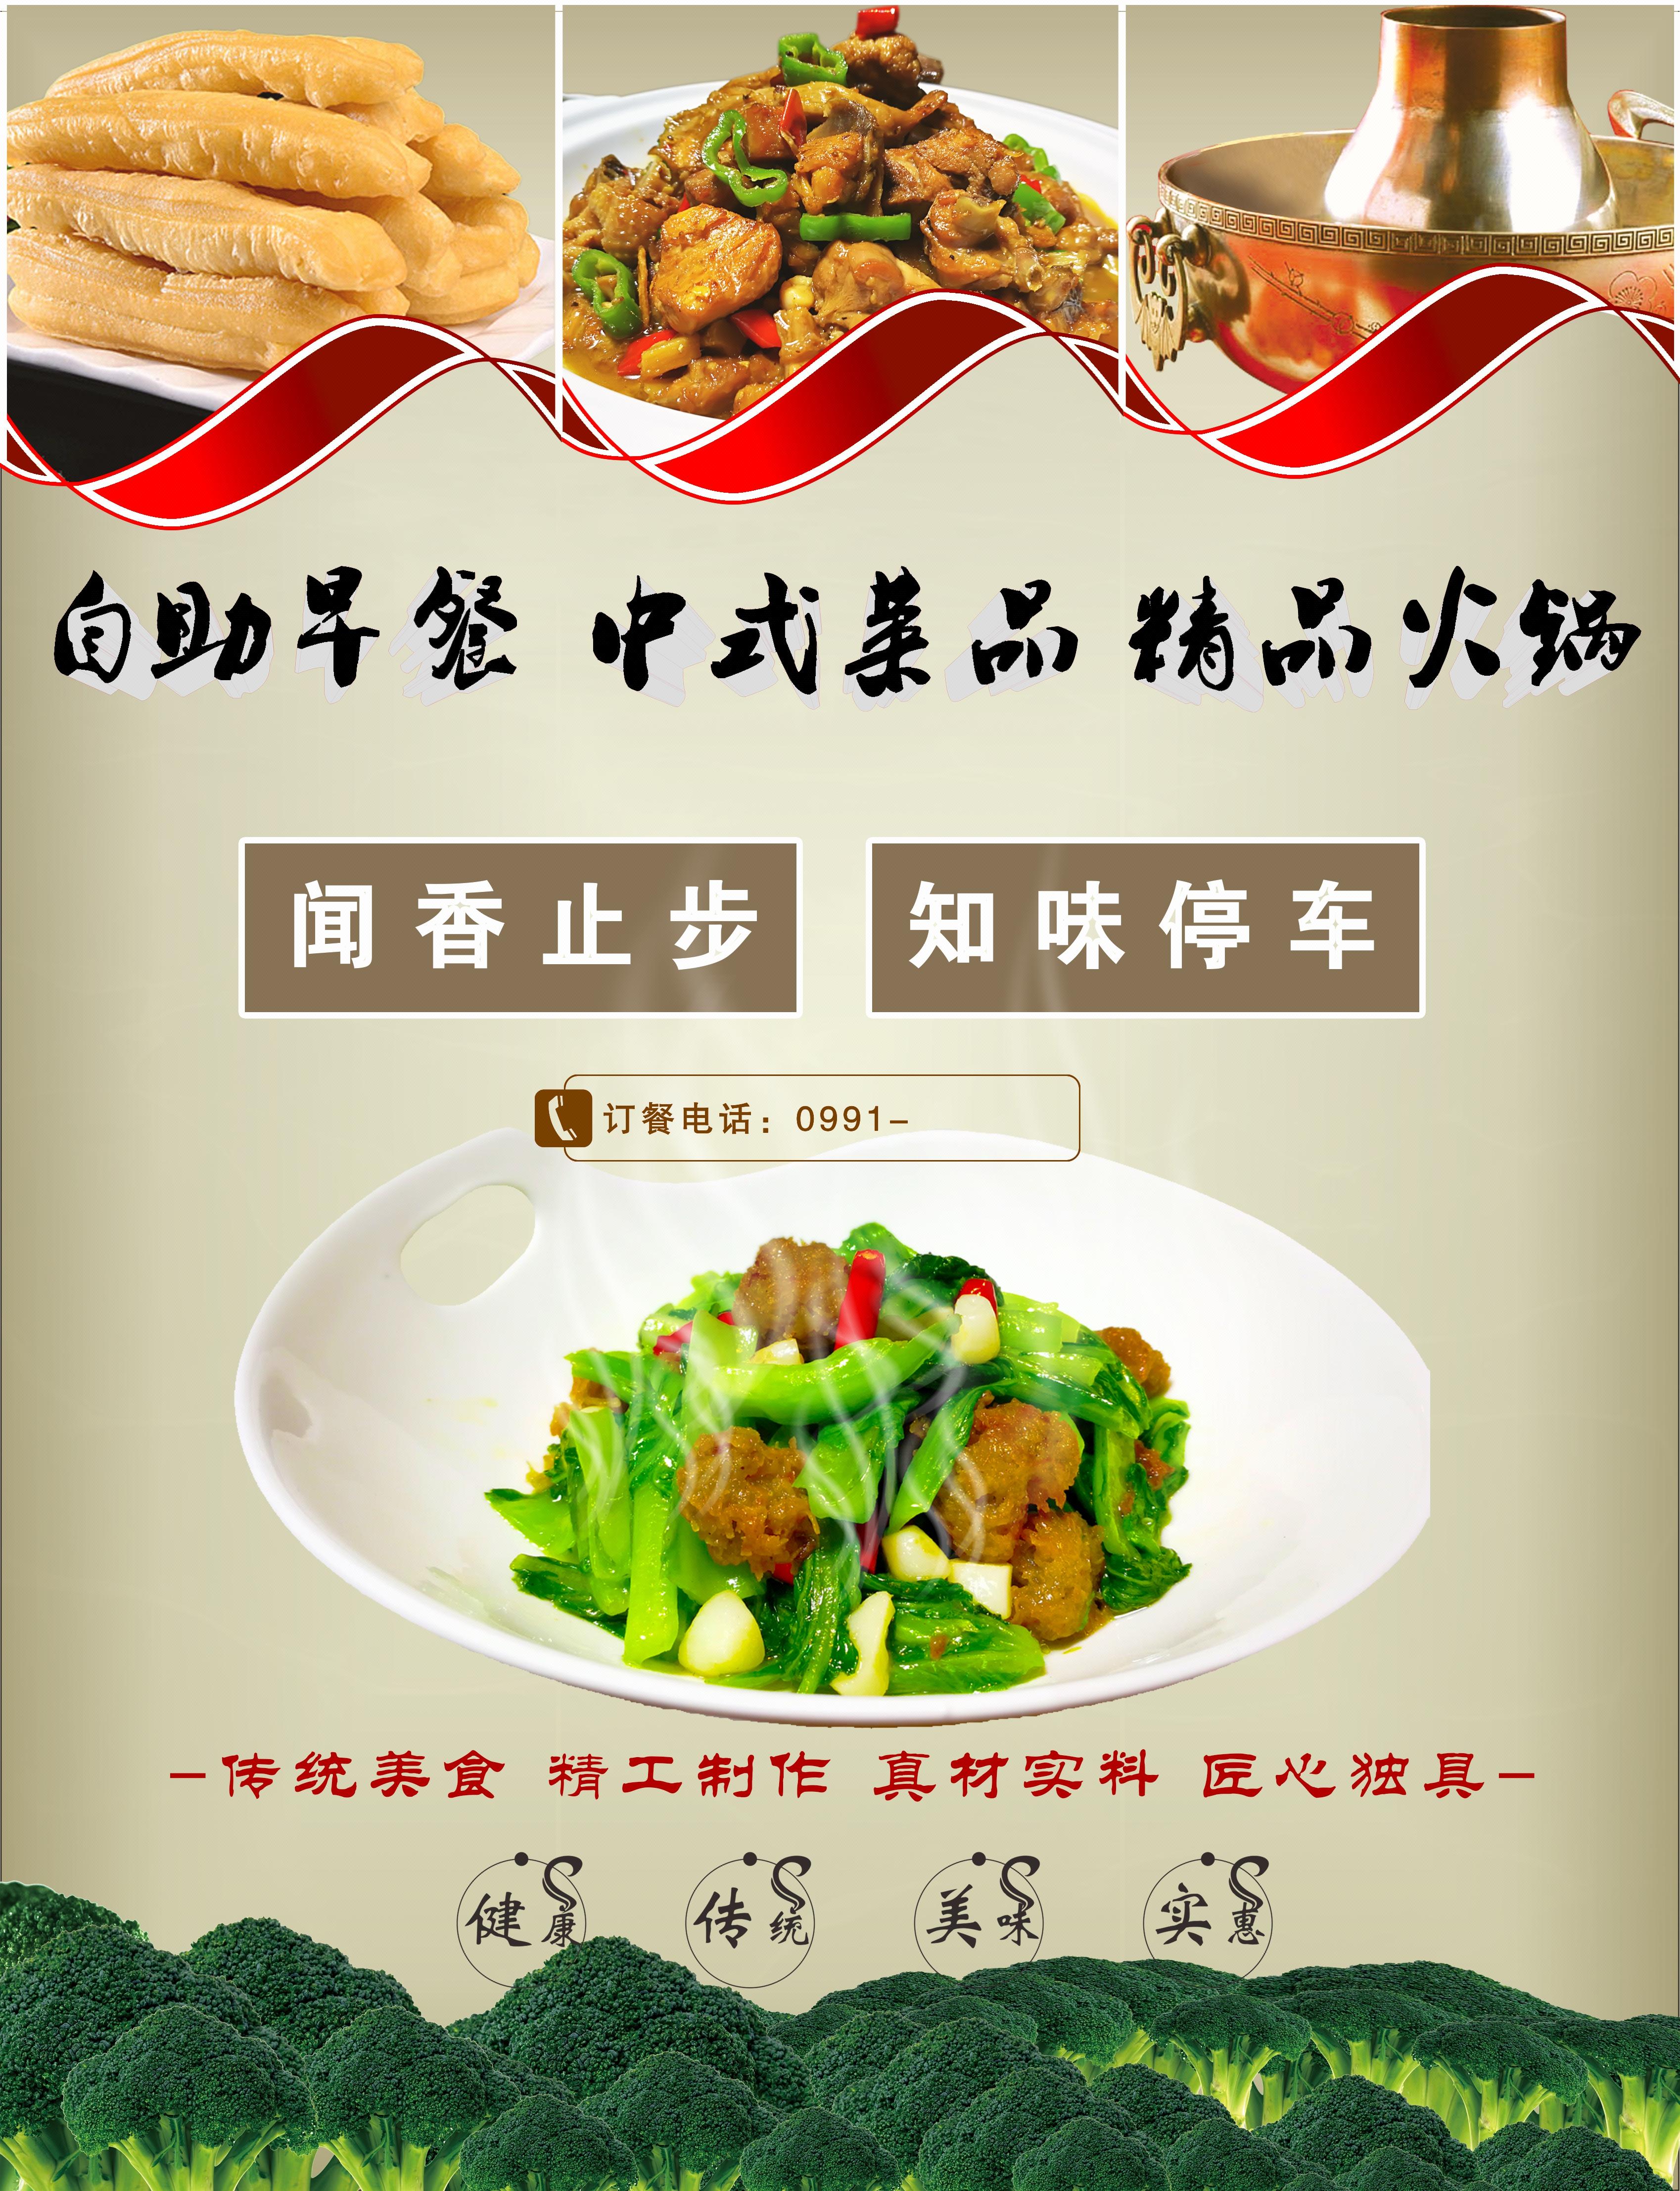 餐饮海报/易拉宝/菜品宣传/菜谱设计/装修设计/营销策划